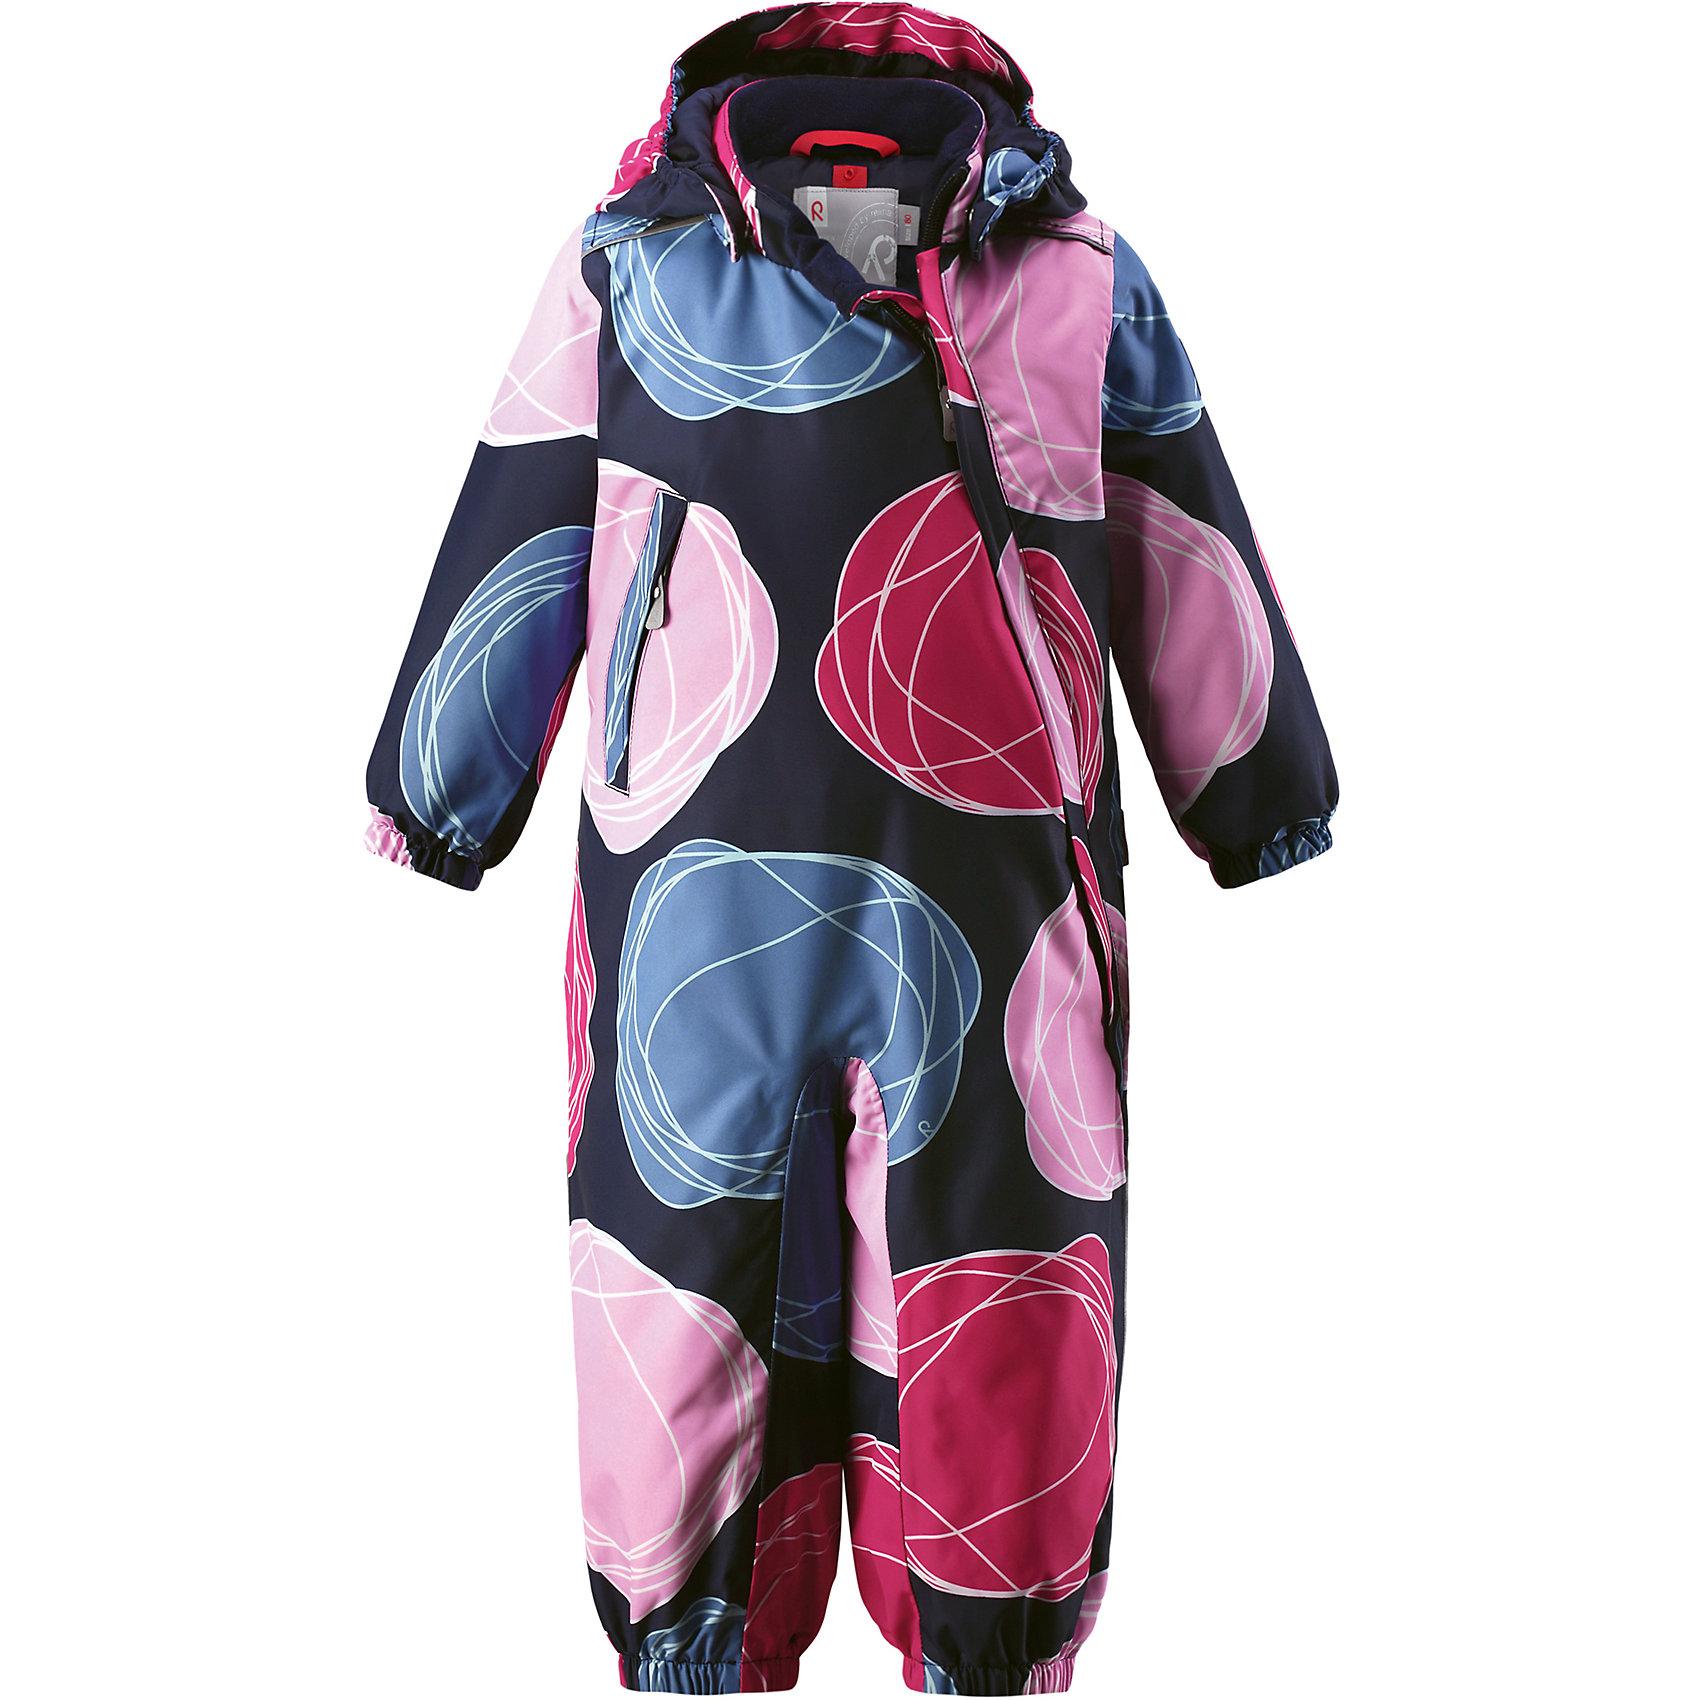 Комбинезон Reima Reimatec® LoskaВерхняя одежда<br>Характеристики товара:<br><br>• цвет: синий/розовый<br>• состав: 100% полиэстер<br>• утеплитель: 100% полиэстер, 160 г/м2 (soft loft insulation)<br>• сезон: зима<br>• температурный режим: от 0 до -20С<br>• водонепроницаемость: 15000 мм<br>• воздухопроницаемость: 7000 мм<br>• износостойкость: 40000 циклов (тест Мартиндейла)<br>• особенности модели: с рисунком<br>• основные швы проклеены и не пропускают влагу<br>• водо- и ветронепроницаемый, дышащий и грязеотталкивающий материал<br>• утепленная задняя часть изделия<br>• гладкая подкладка из полиэстера<br>• безопасный, съемный, регулируемый капюшон<br>• внутренняя регулировка талии<br>• защита подбородка от защемления<br>• эластичные манжеты и штанины<br>• эластичная талия<br>• съемные эластичные штрипки <br>• длинная молния для легкого надевания<br>• дополнительная планка с кнопками<br>• карман на молнии<br>• светоотражающие детали<br>• страна бренда: Финляндия<br>• страна изготовитель: Китай<br><br>Зимний комбинезон на молнии для девочки! Основные швы комбинезона проклеены, а сам он изготовлен из водо и ветронепроницаемого, грязеотталкивающего материала. Утепленная задняя часть обеспечит дополнительное утепление во время игр в снегу.<br><br>Гладкая подкладка и длинная молния облегчают надевание. Маленький карман на молнии надежно сохранит все сокровища. Обратите внимание: комбинезон можно сушить в сушильной машине. Зимний комбинезон с капюшоном для девочки декорирован рисунком в виде больших цветных кругов.<br><br>Комбинезон Loska Reimatec® Reima от финского бренда Reima (Рейма) можно купить в нашем интернет-магазине.<br><br>Ширина мм: 356<br>Глубина мм: 10<br>Высота мм: 245<br>Вес г: 519<br>Цвет: розовый<br>Возраст от месяцев: 24<br>Возраст до месяцев: 36<br>Пол: Унисекс<br>Возраст: Детский<br>Размер: 98,86,74,80,92<br>SKU: 6908146